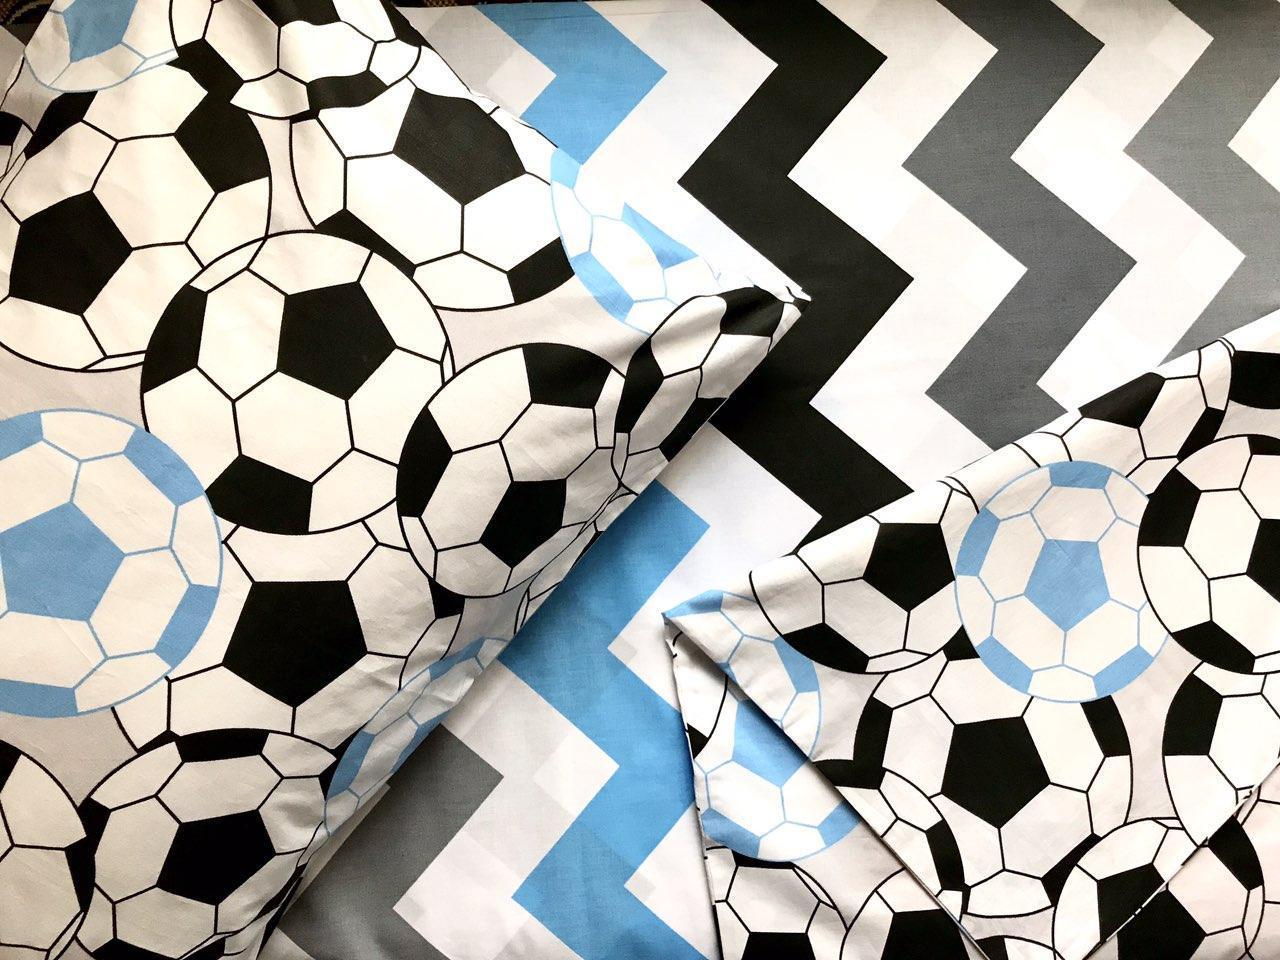 Постельное белье полуторное Футбольные мячи (100 % хлопок)